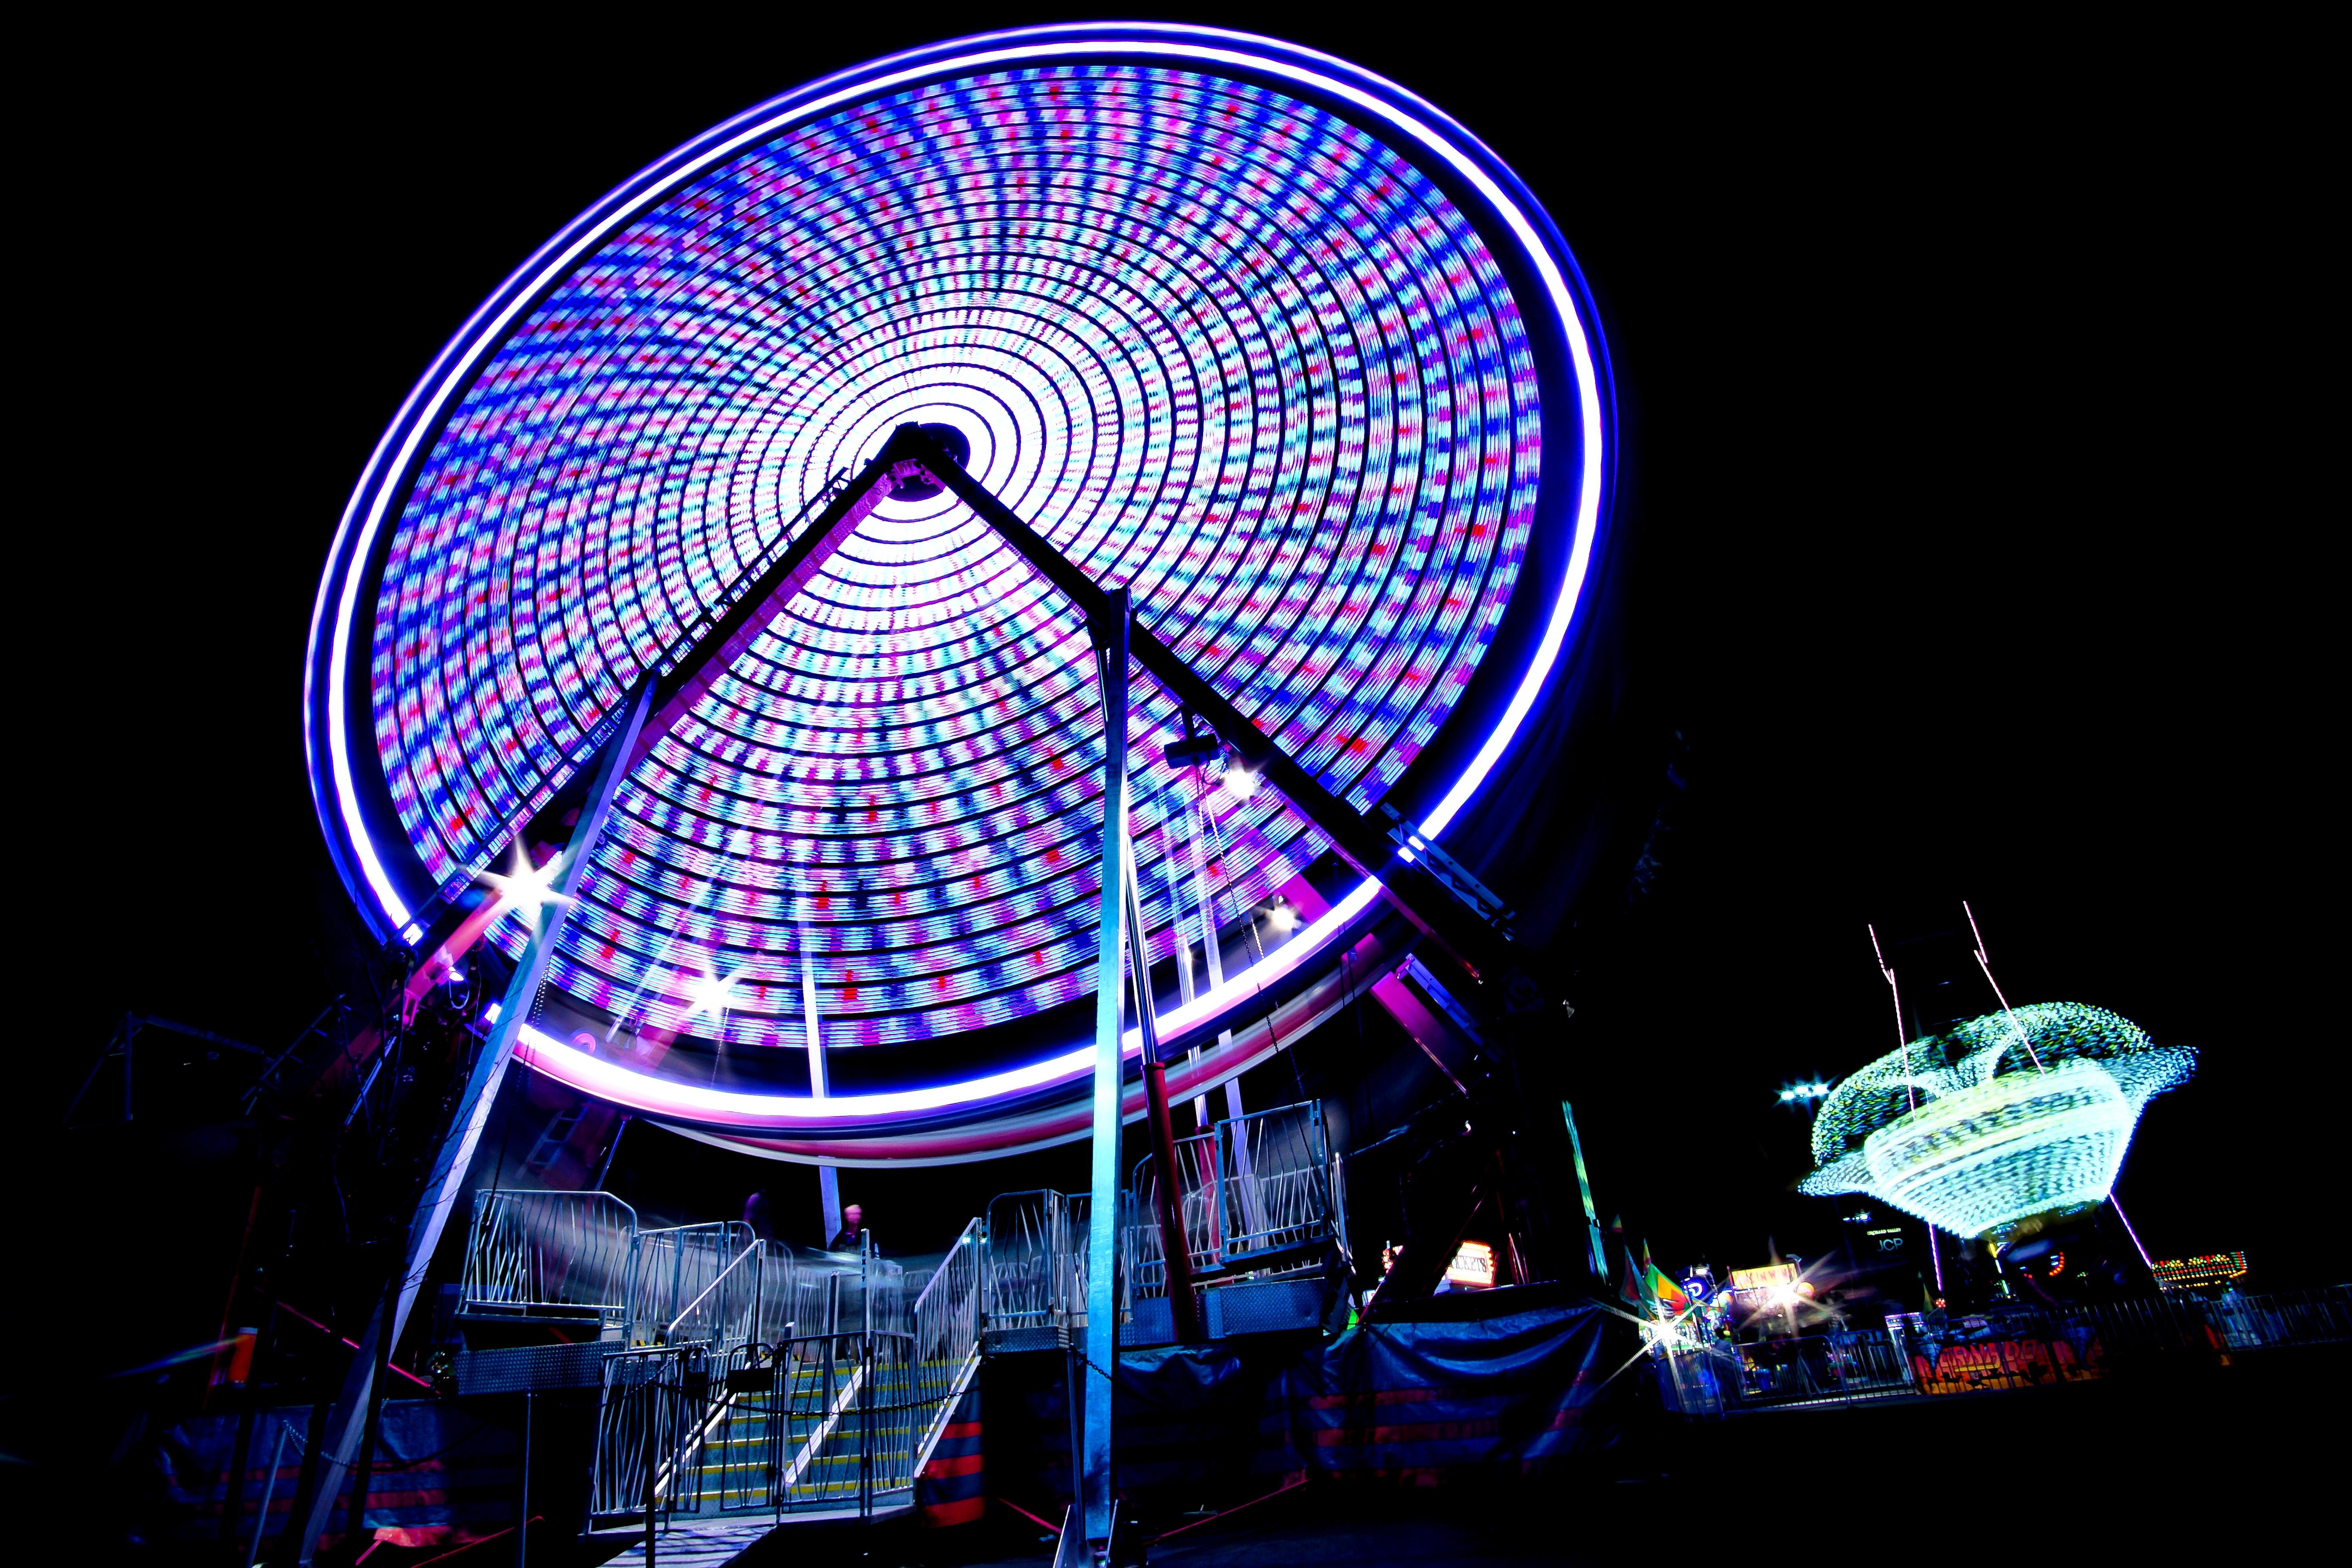 purple lighted Ferris wheel